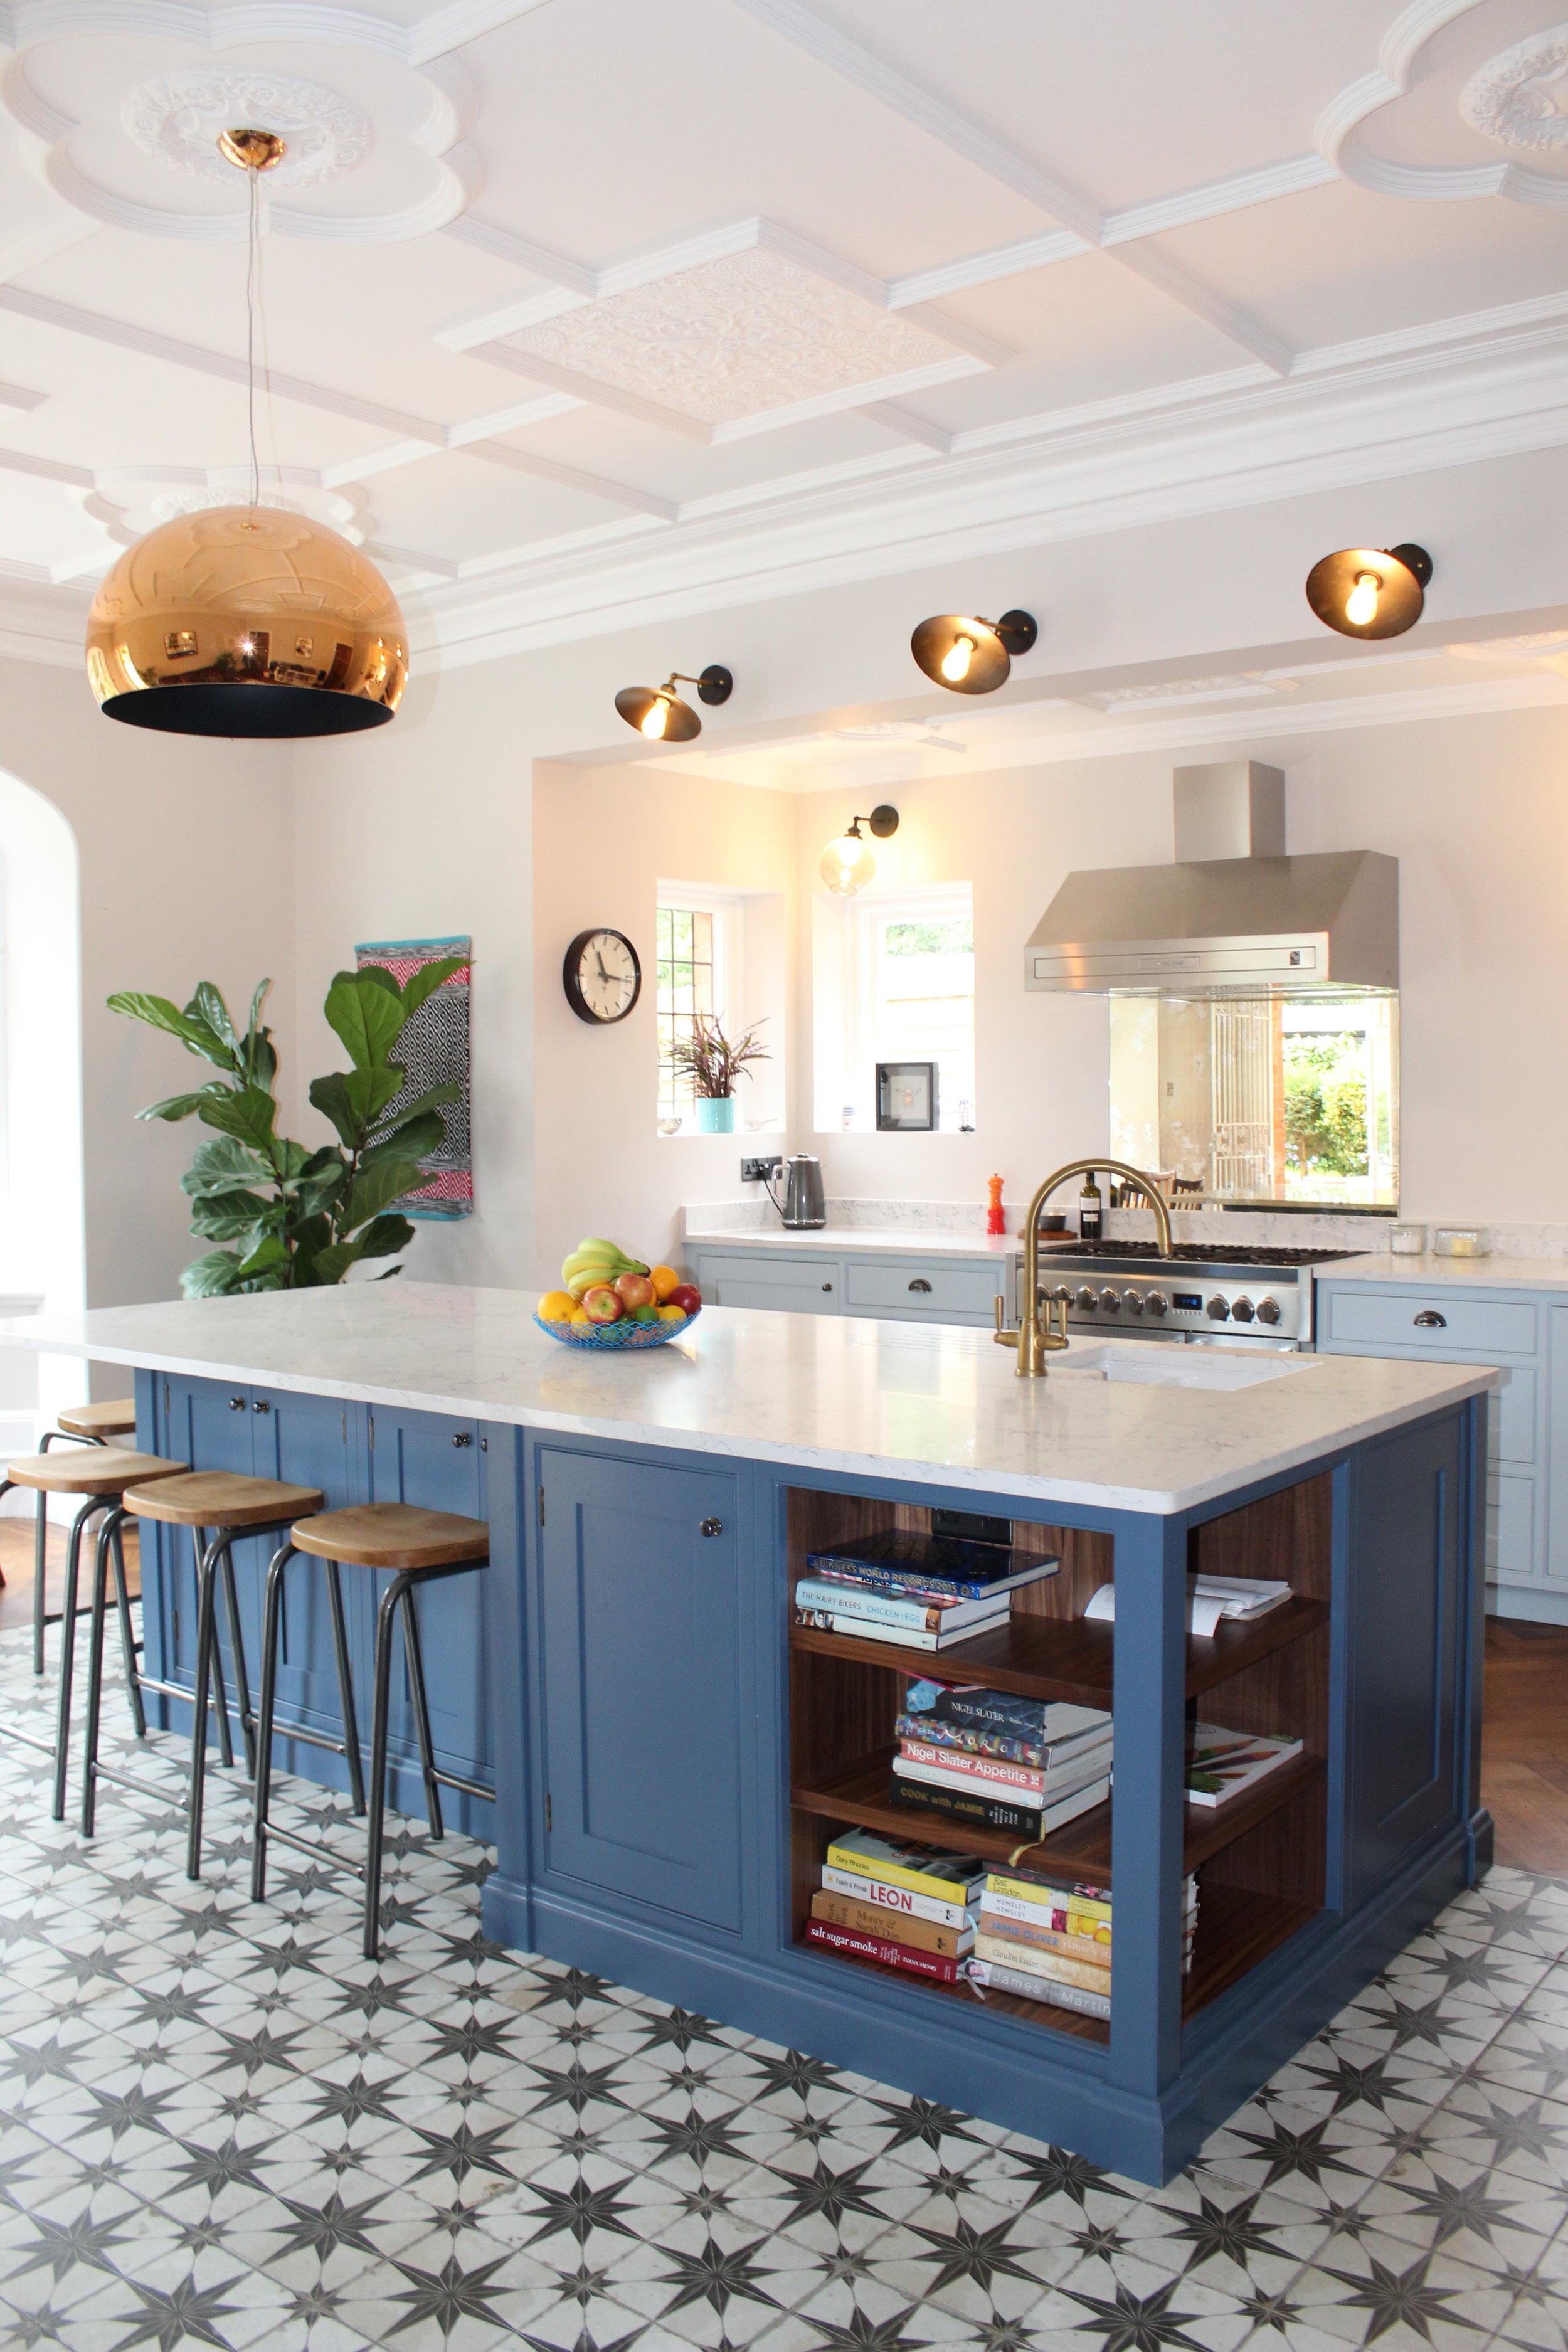 Turketel Kitchen